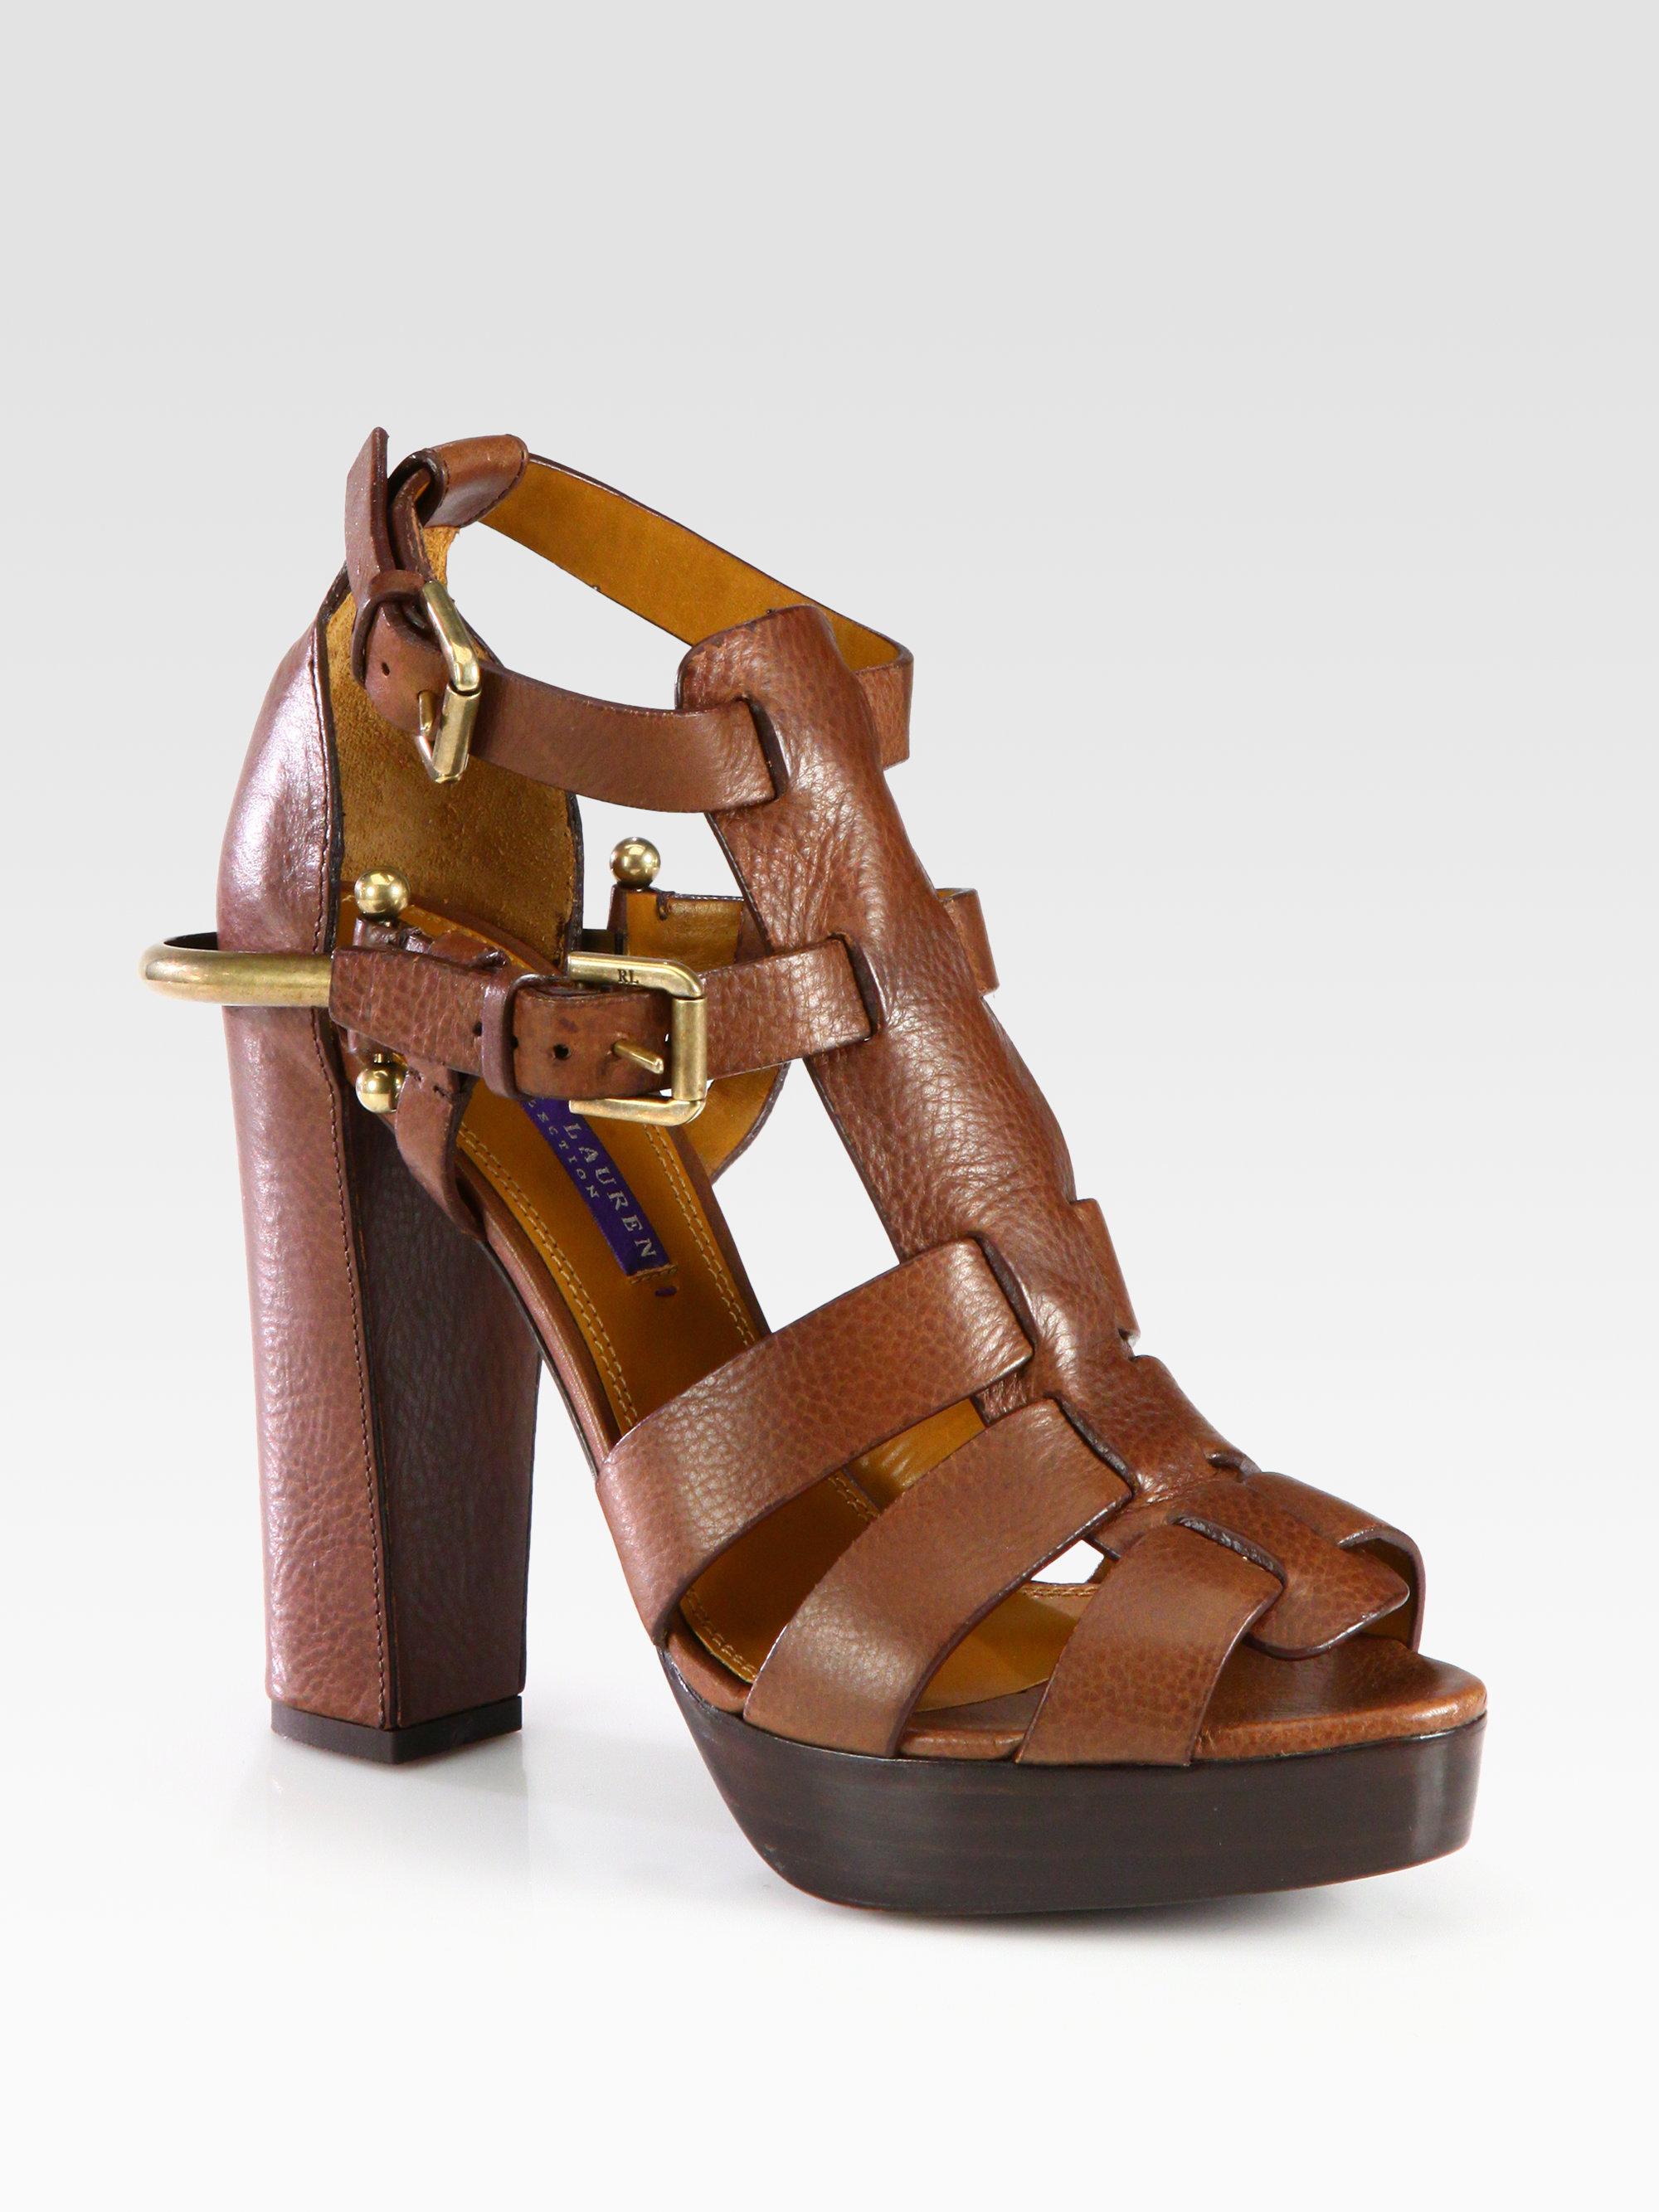 Lauren Ralph Lauren Leather Platform Sandals amazon sale online cheap sale reliable cheap sale official 9UPnT04DVa